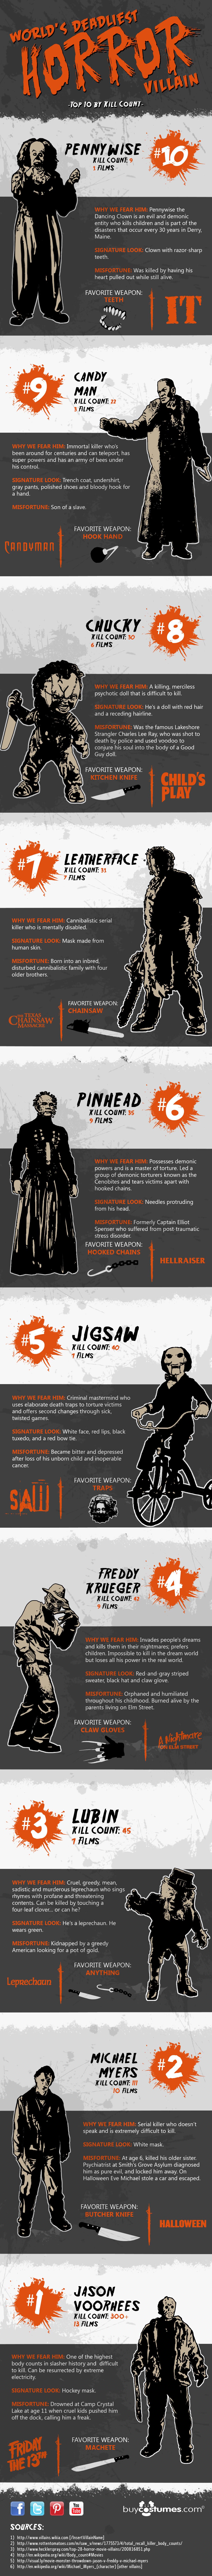 World's Top 10 Deadliest Villains